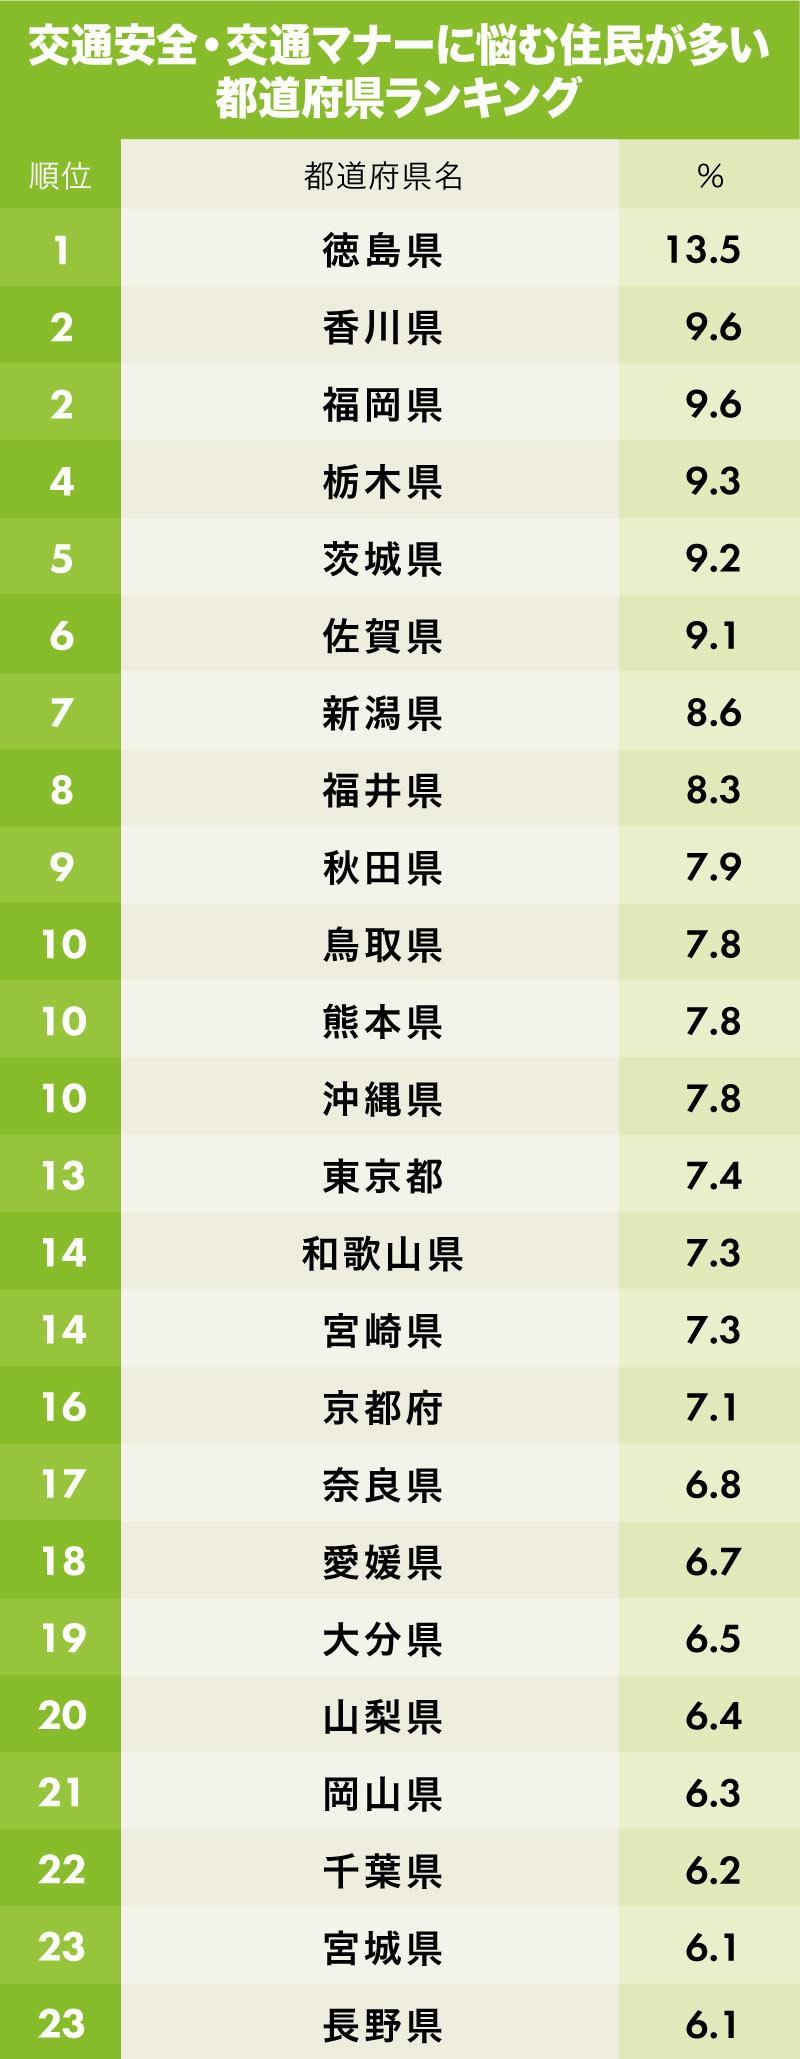 交通マナーの悪さに悩む都道府県ランキング1位~23位